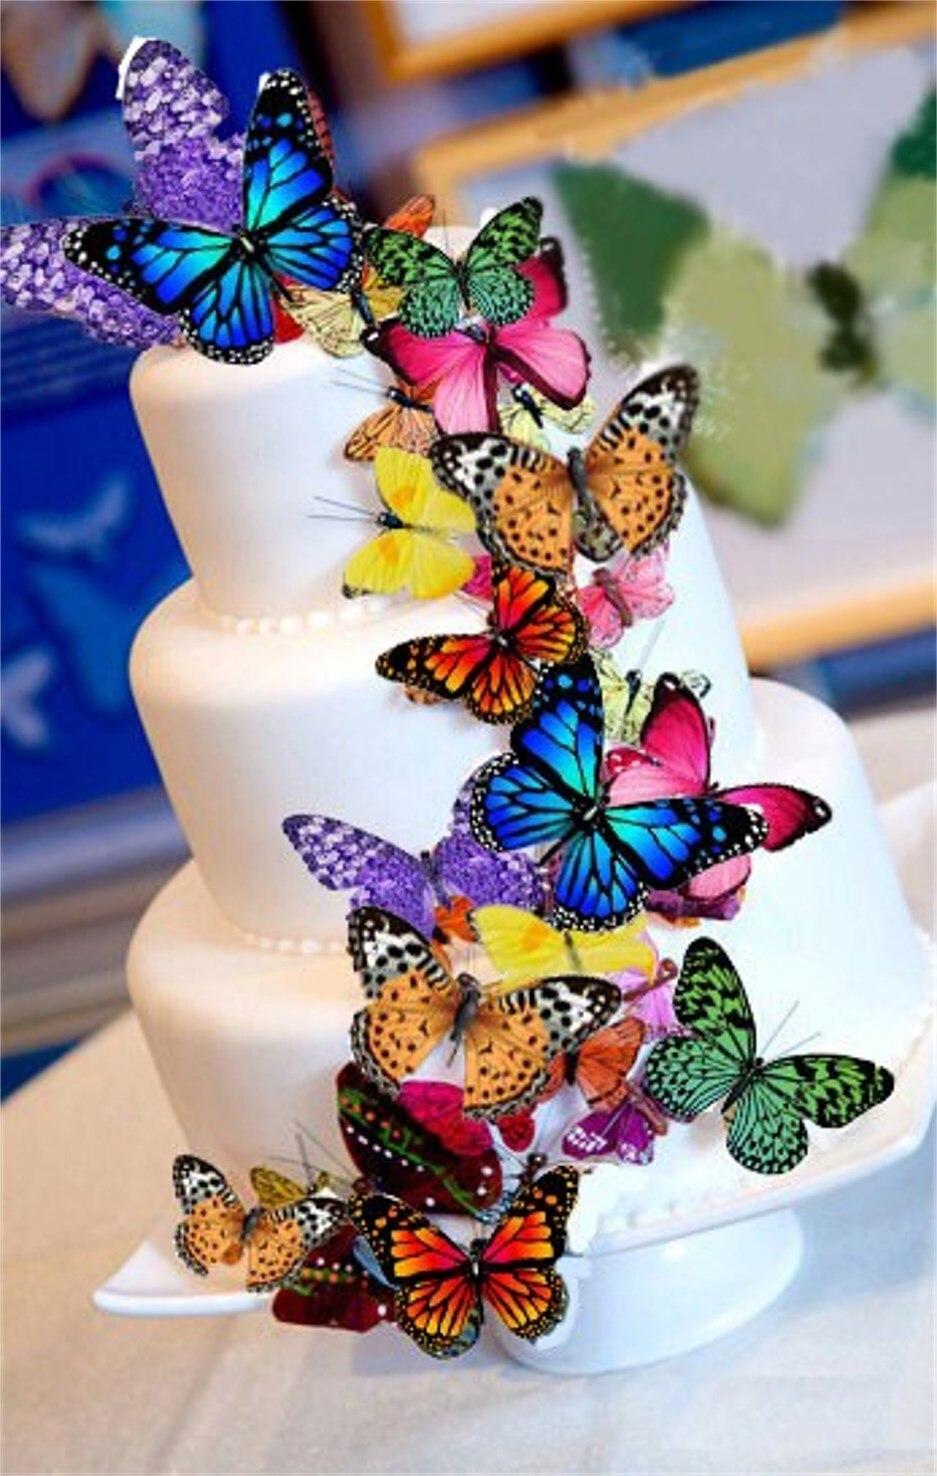 Днем рождения, как сделать съедобную картинку для торта